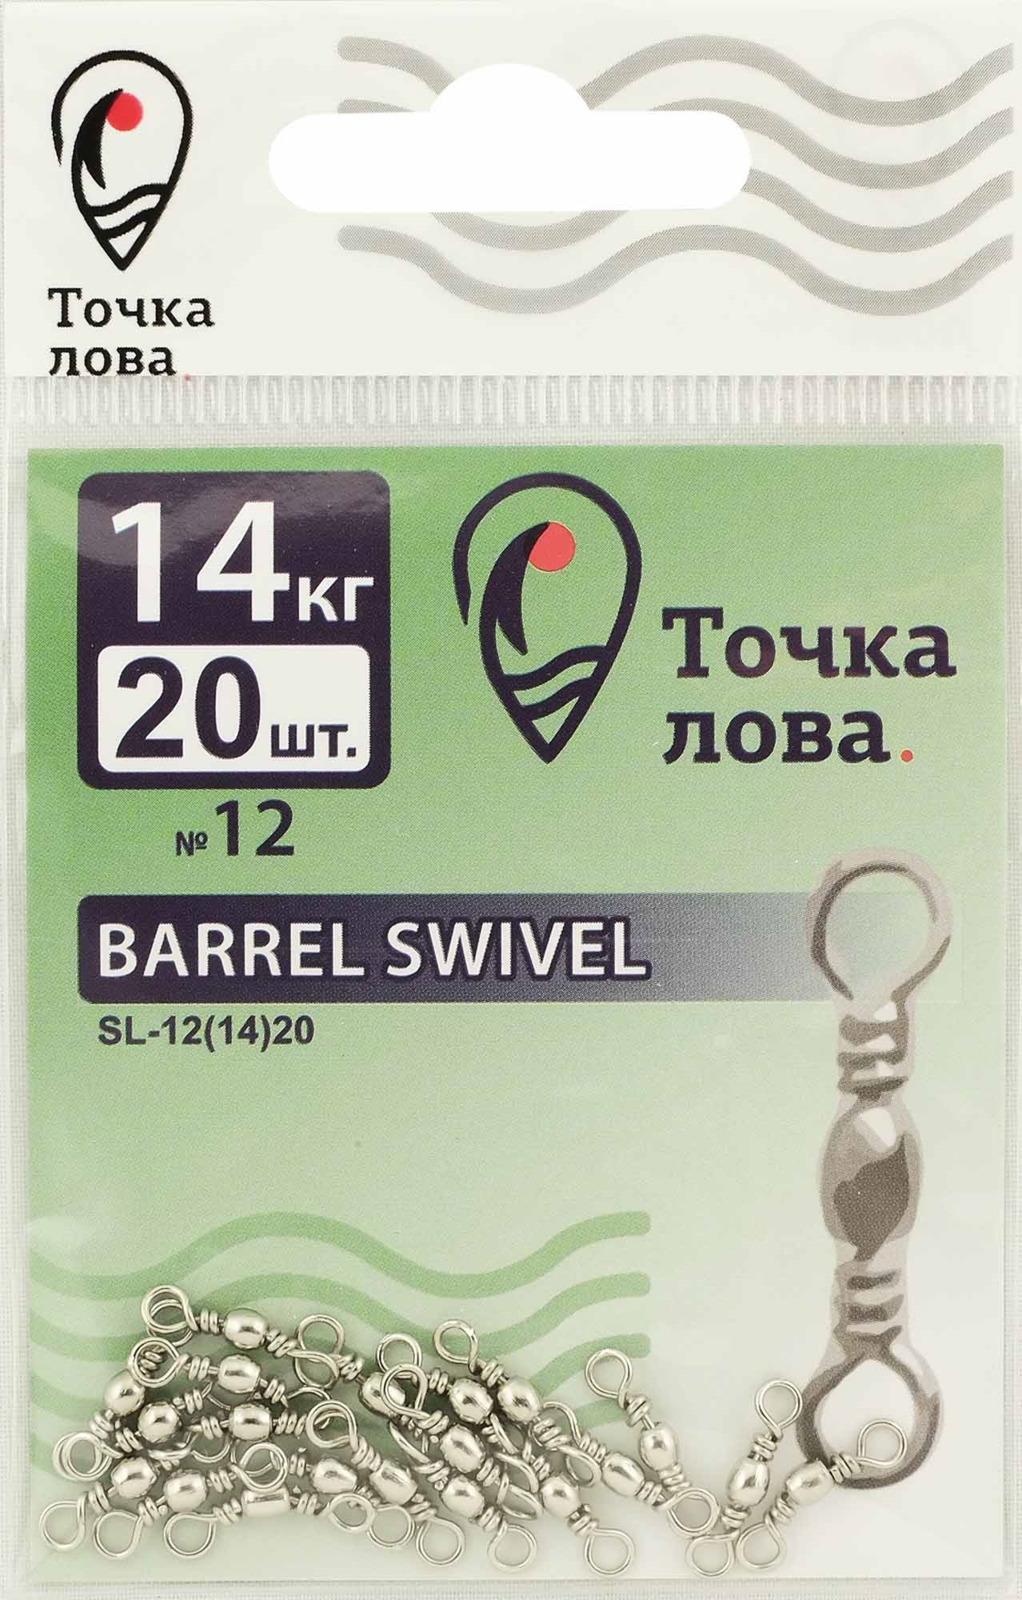 Вертлюг рыболовный Точка Лова Бочка, SL-12(14), 20 шт толстой алексей николаевич на рыбной ловле